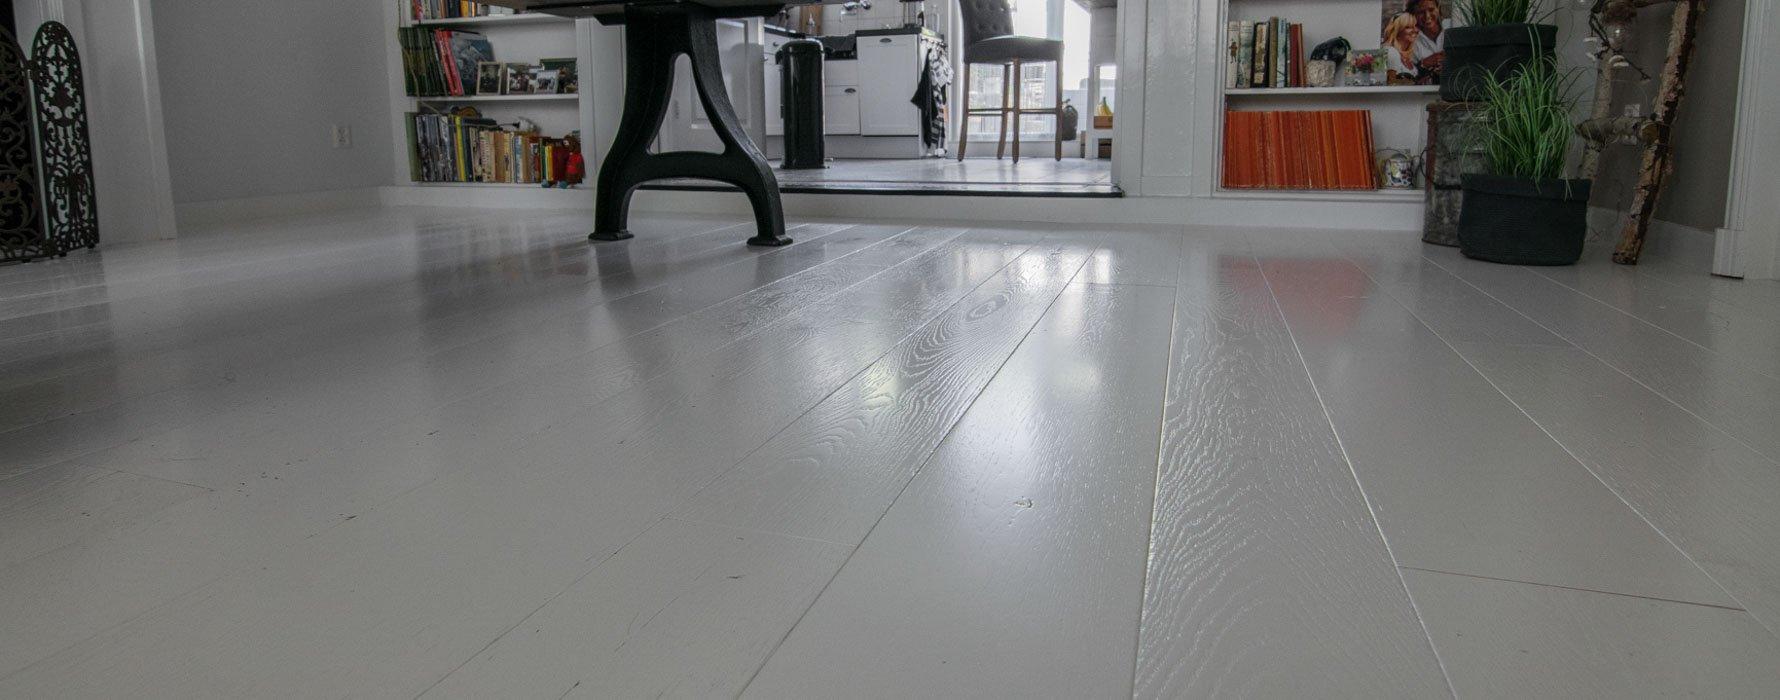 Spierwitte eiken houten vloer